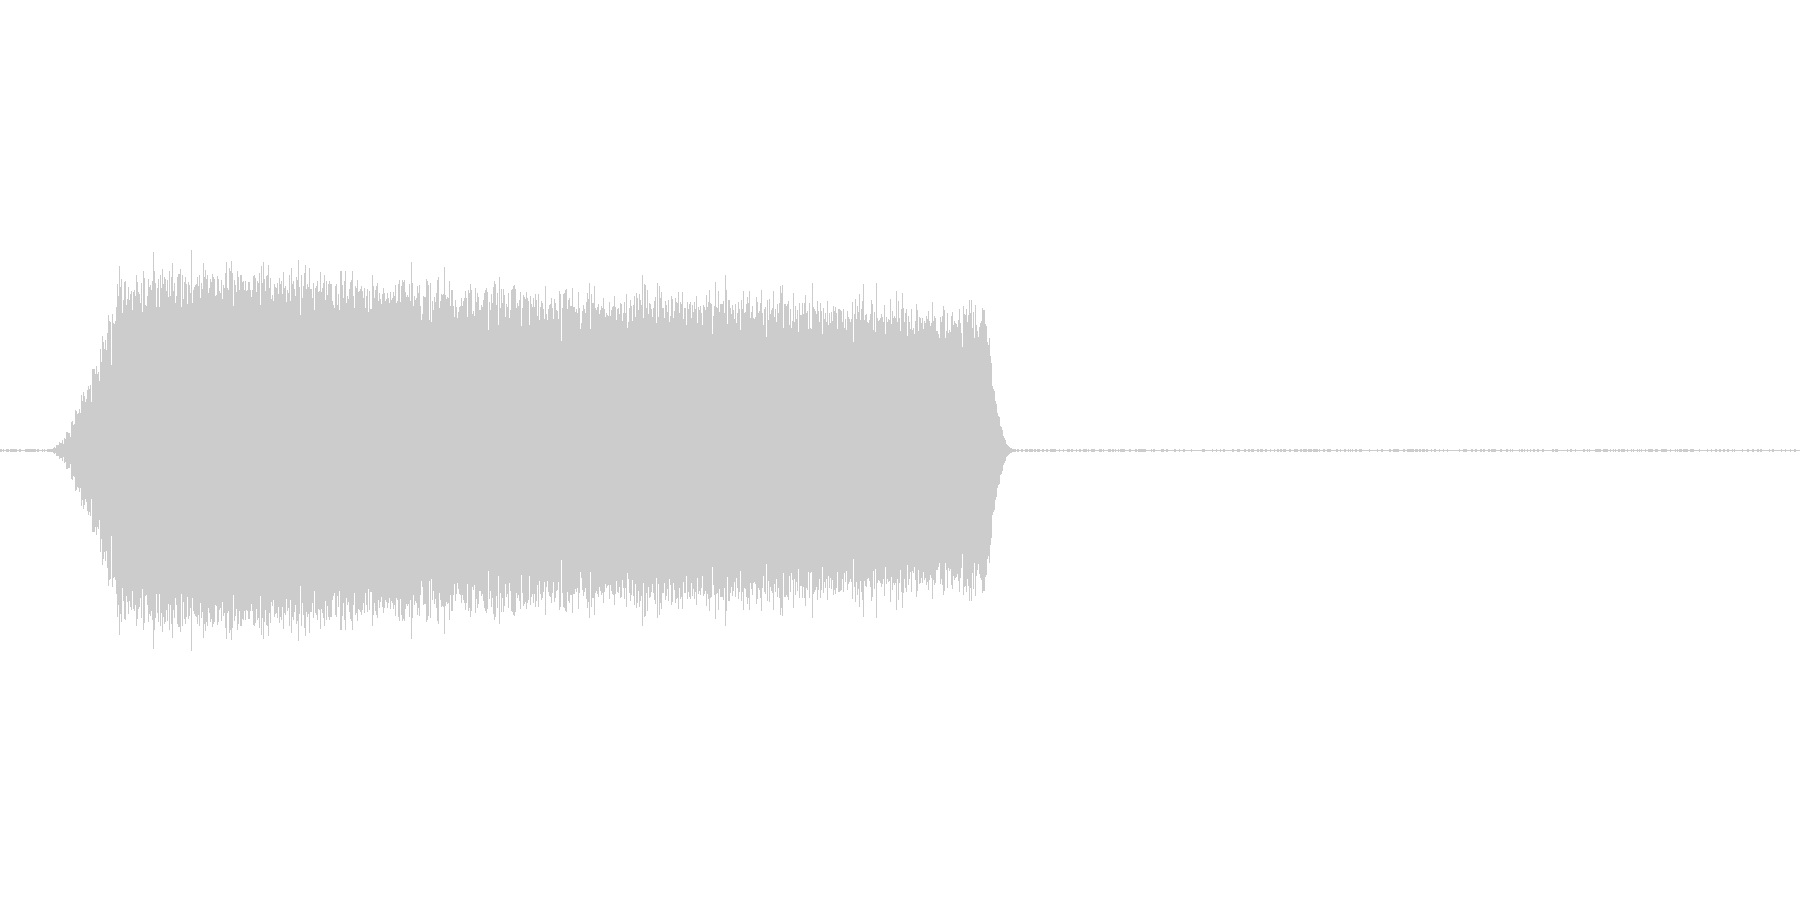 グワァァァシャー ジェット音ぽいの未再生の波形